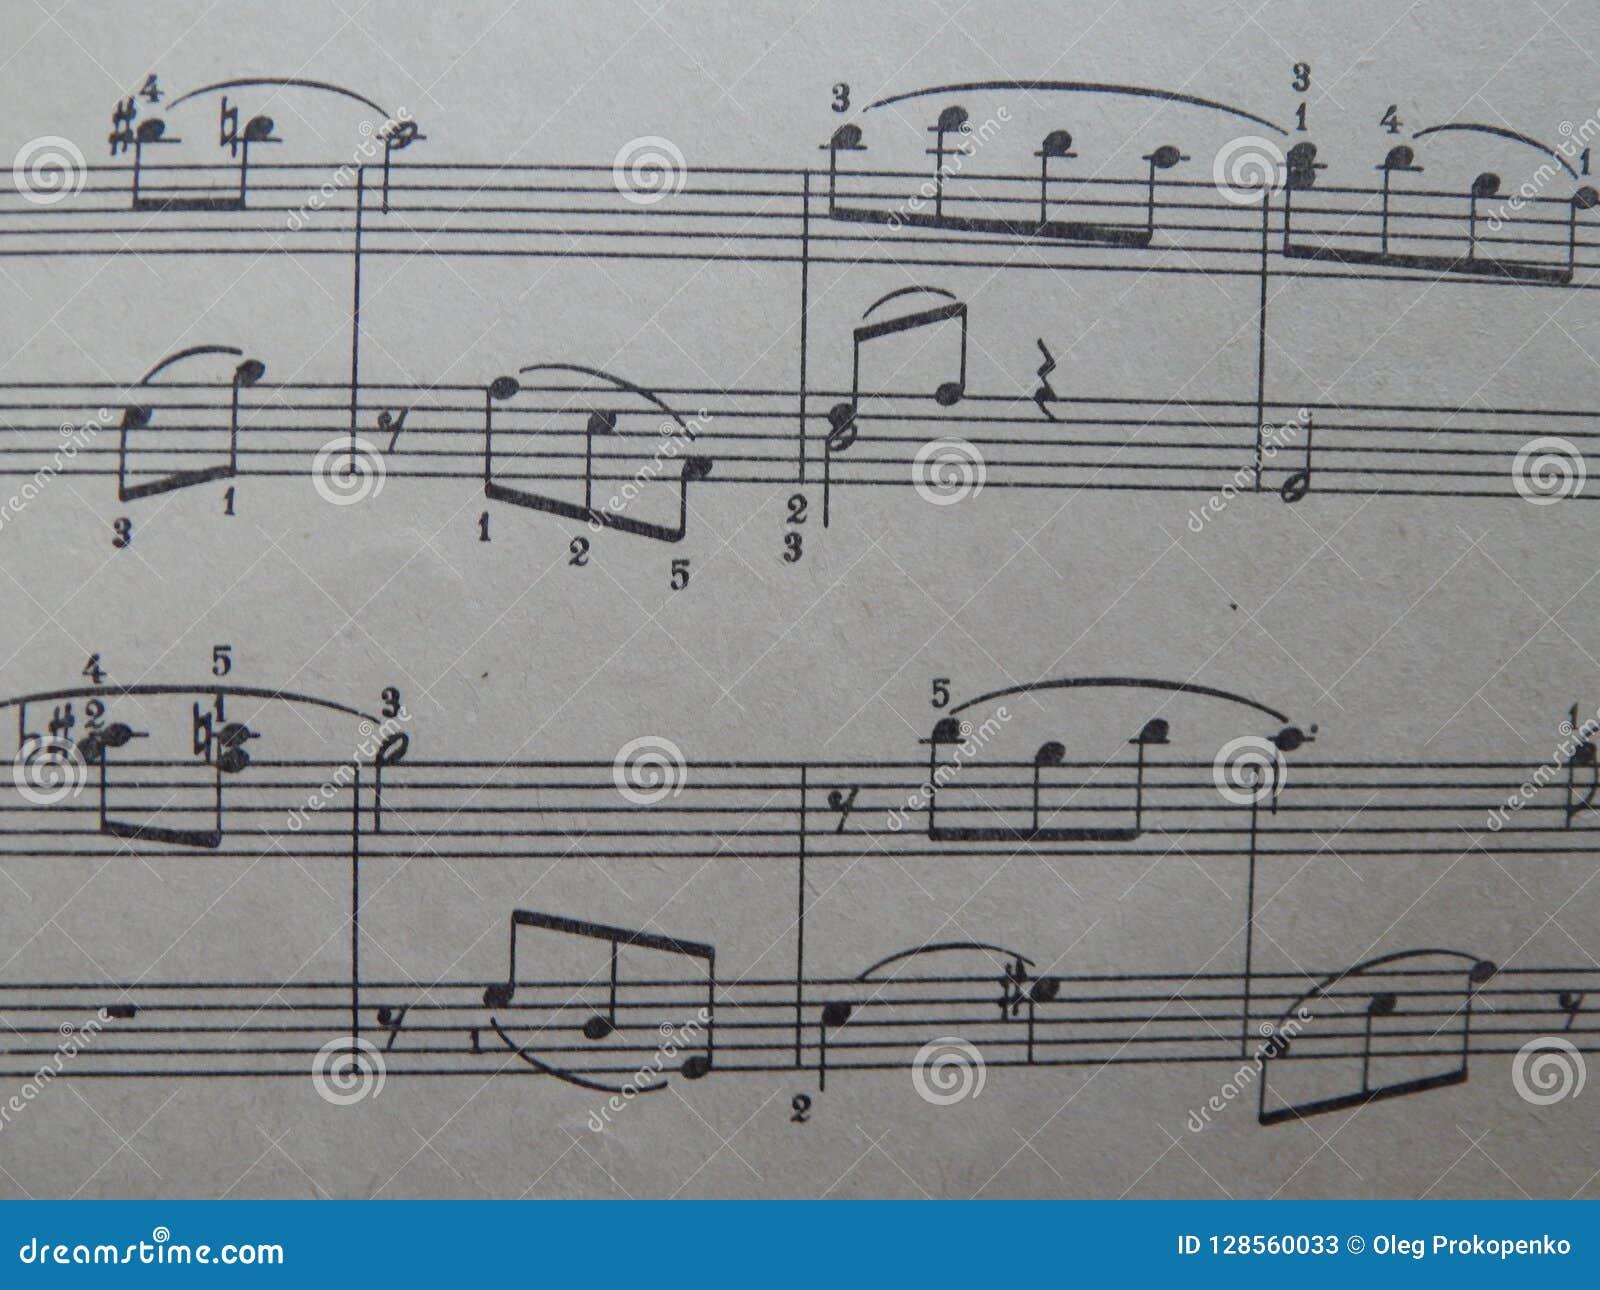 Notas para o solfeggio das lições de música